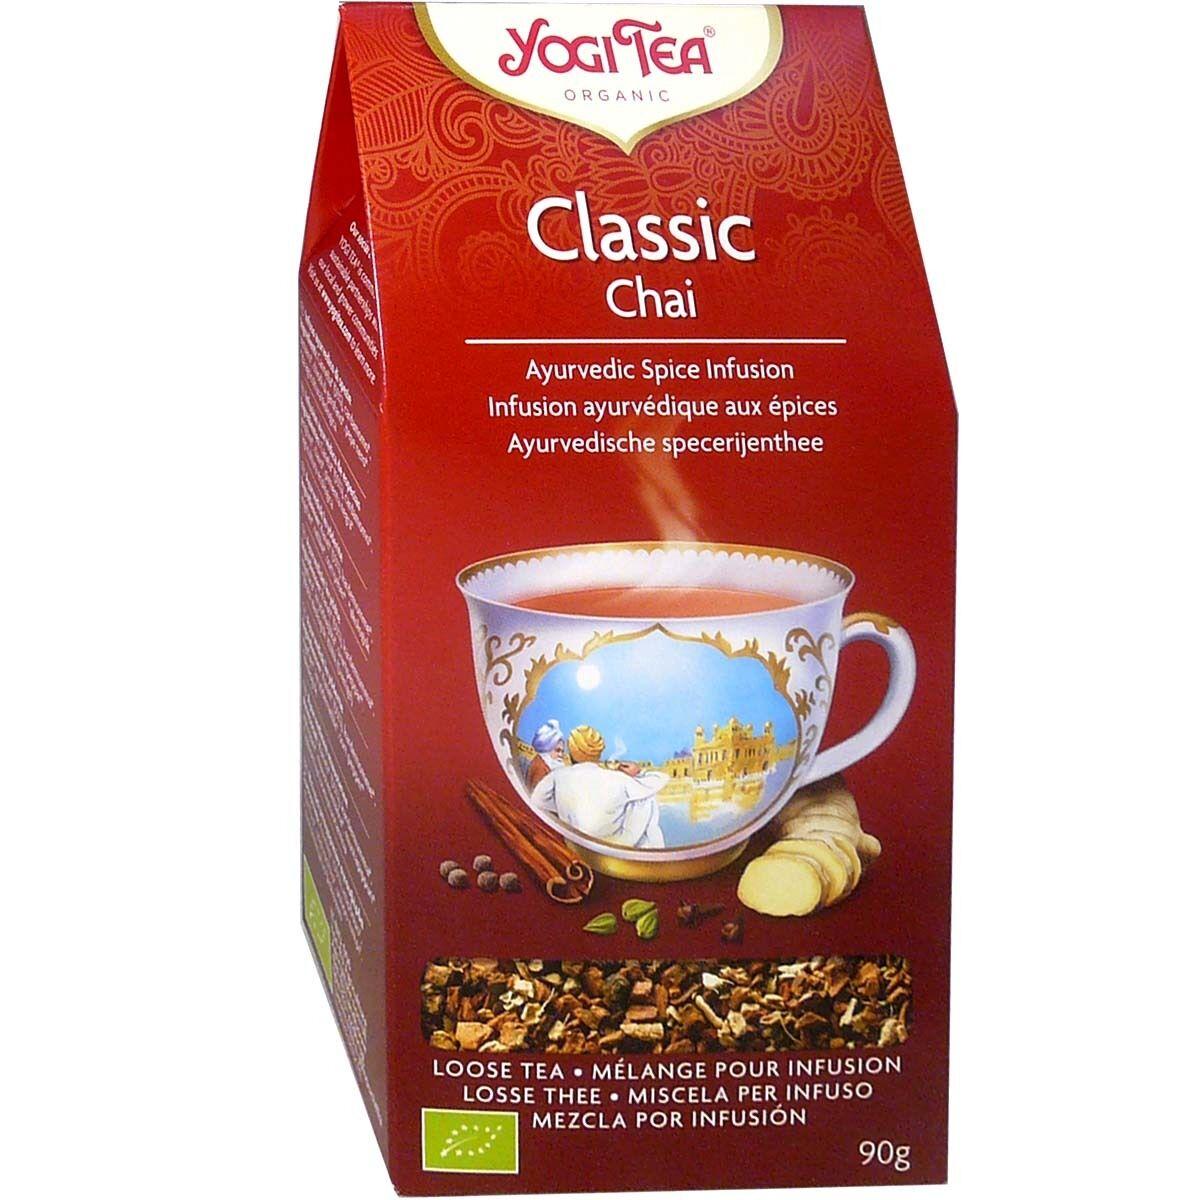 Yogi tea classic chai melange aux epices pour infusion 90g